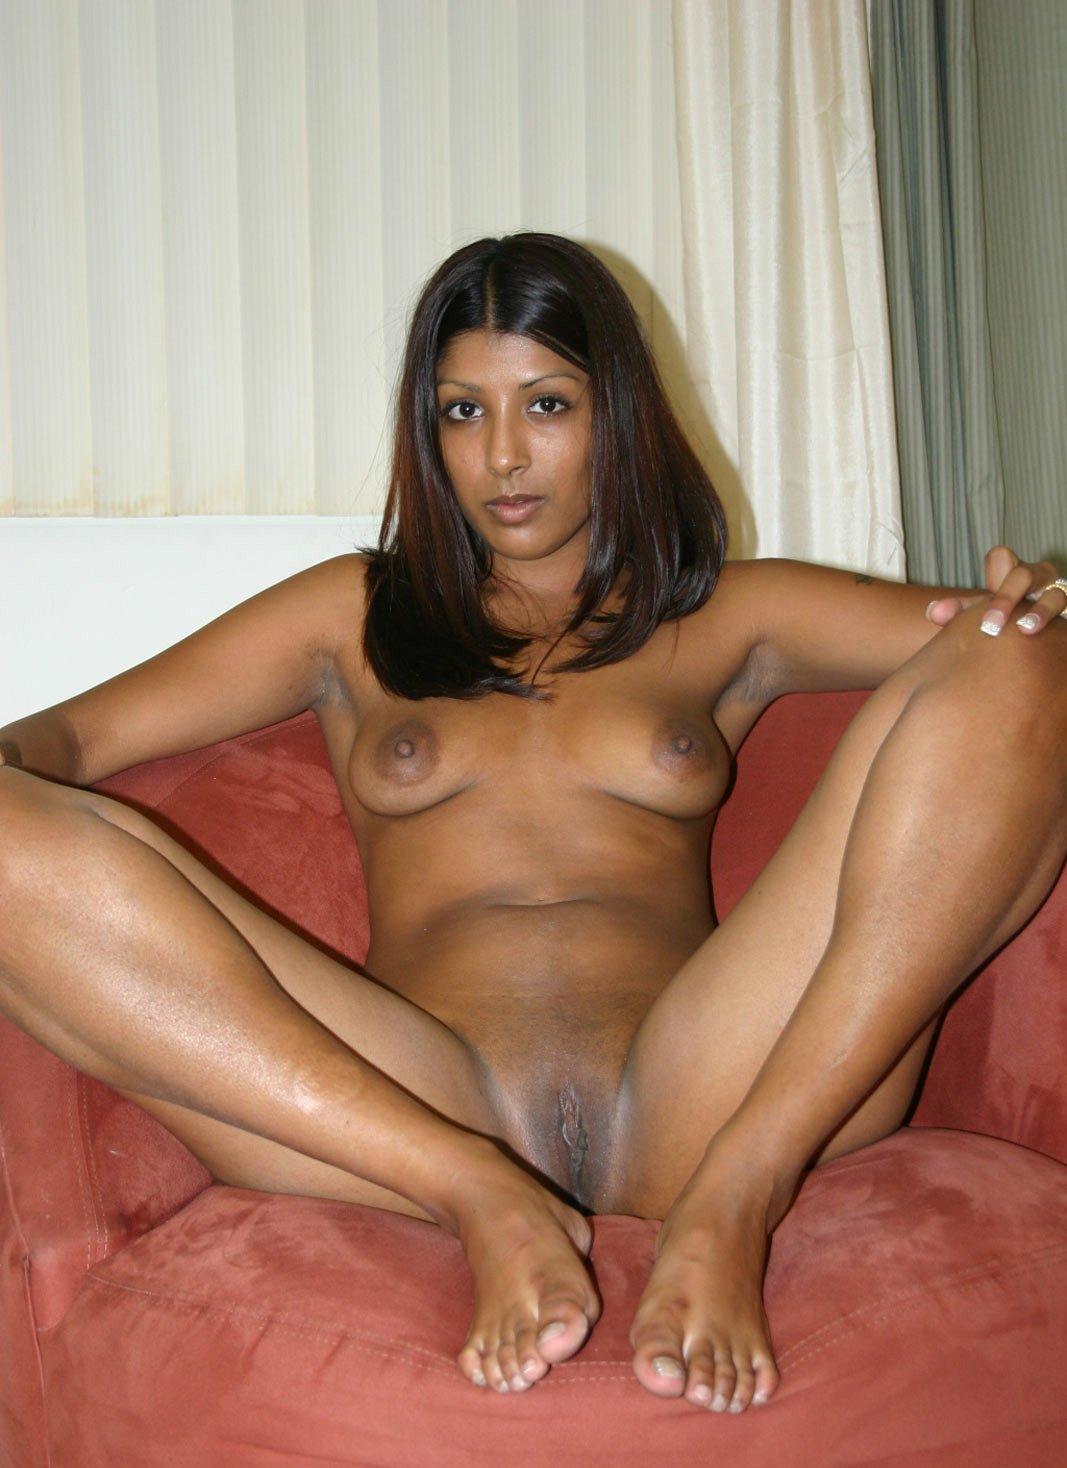 Самое пиздатое арабское порно 6 фотография